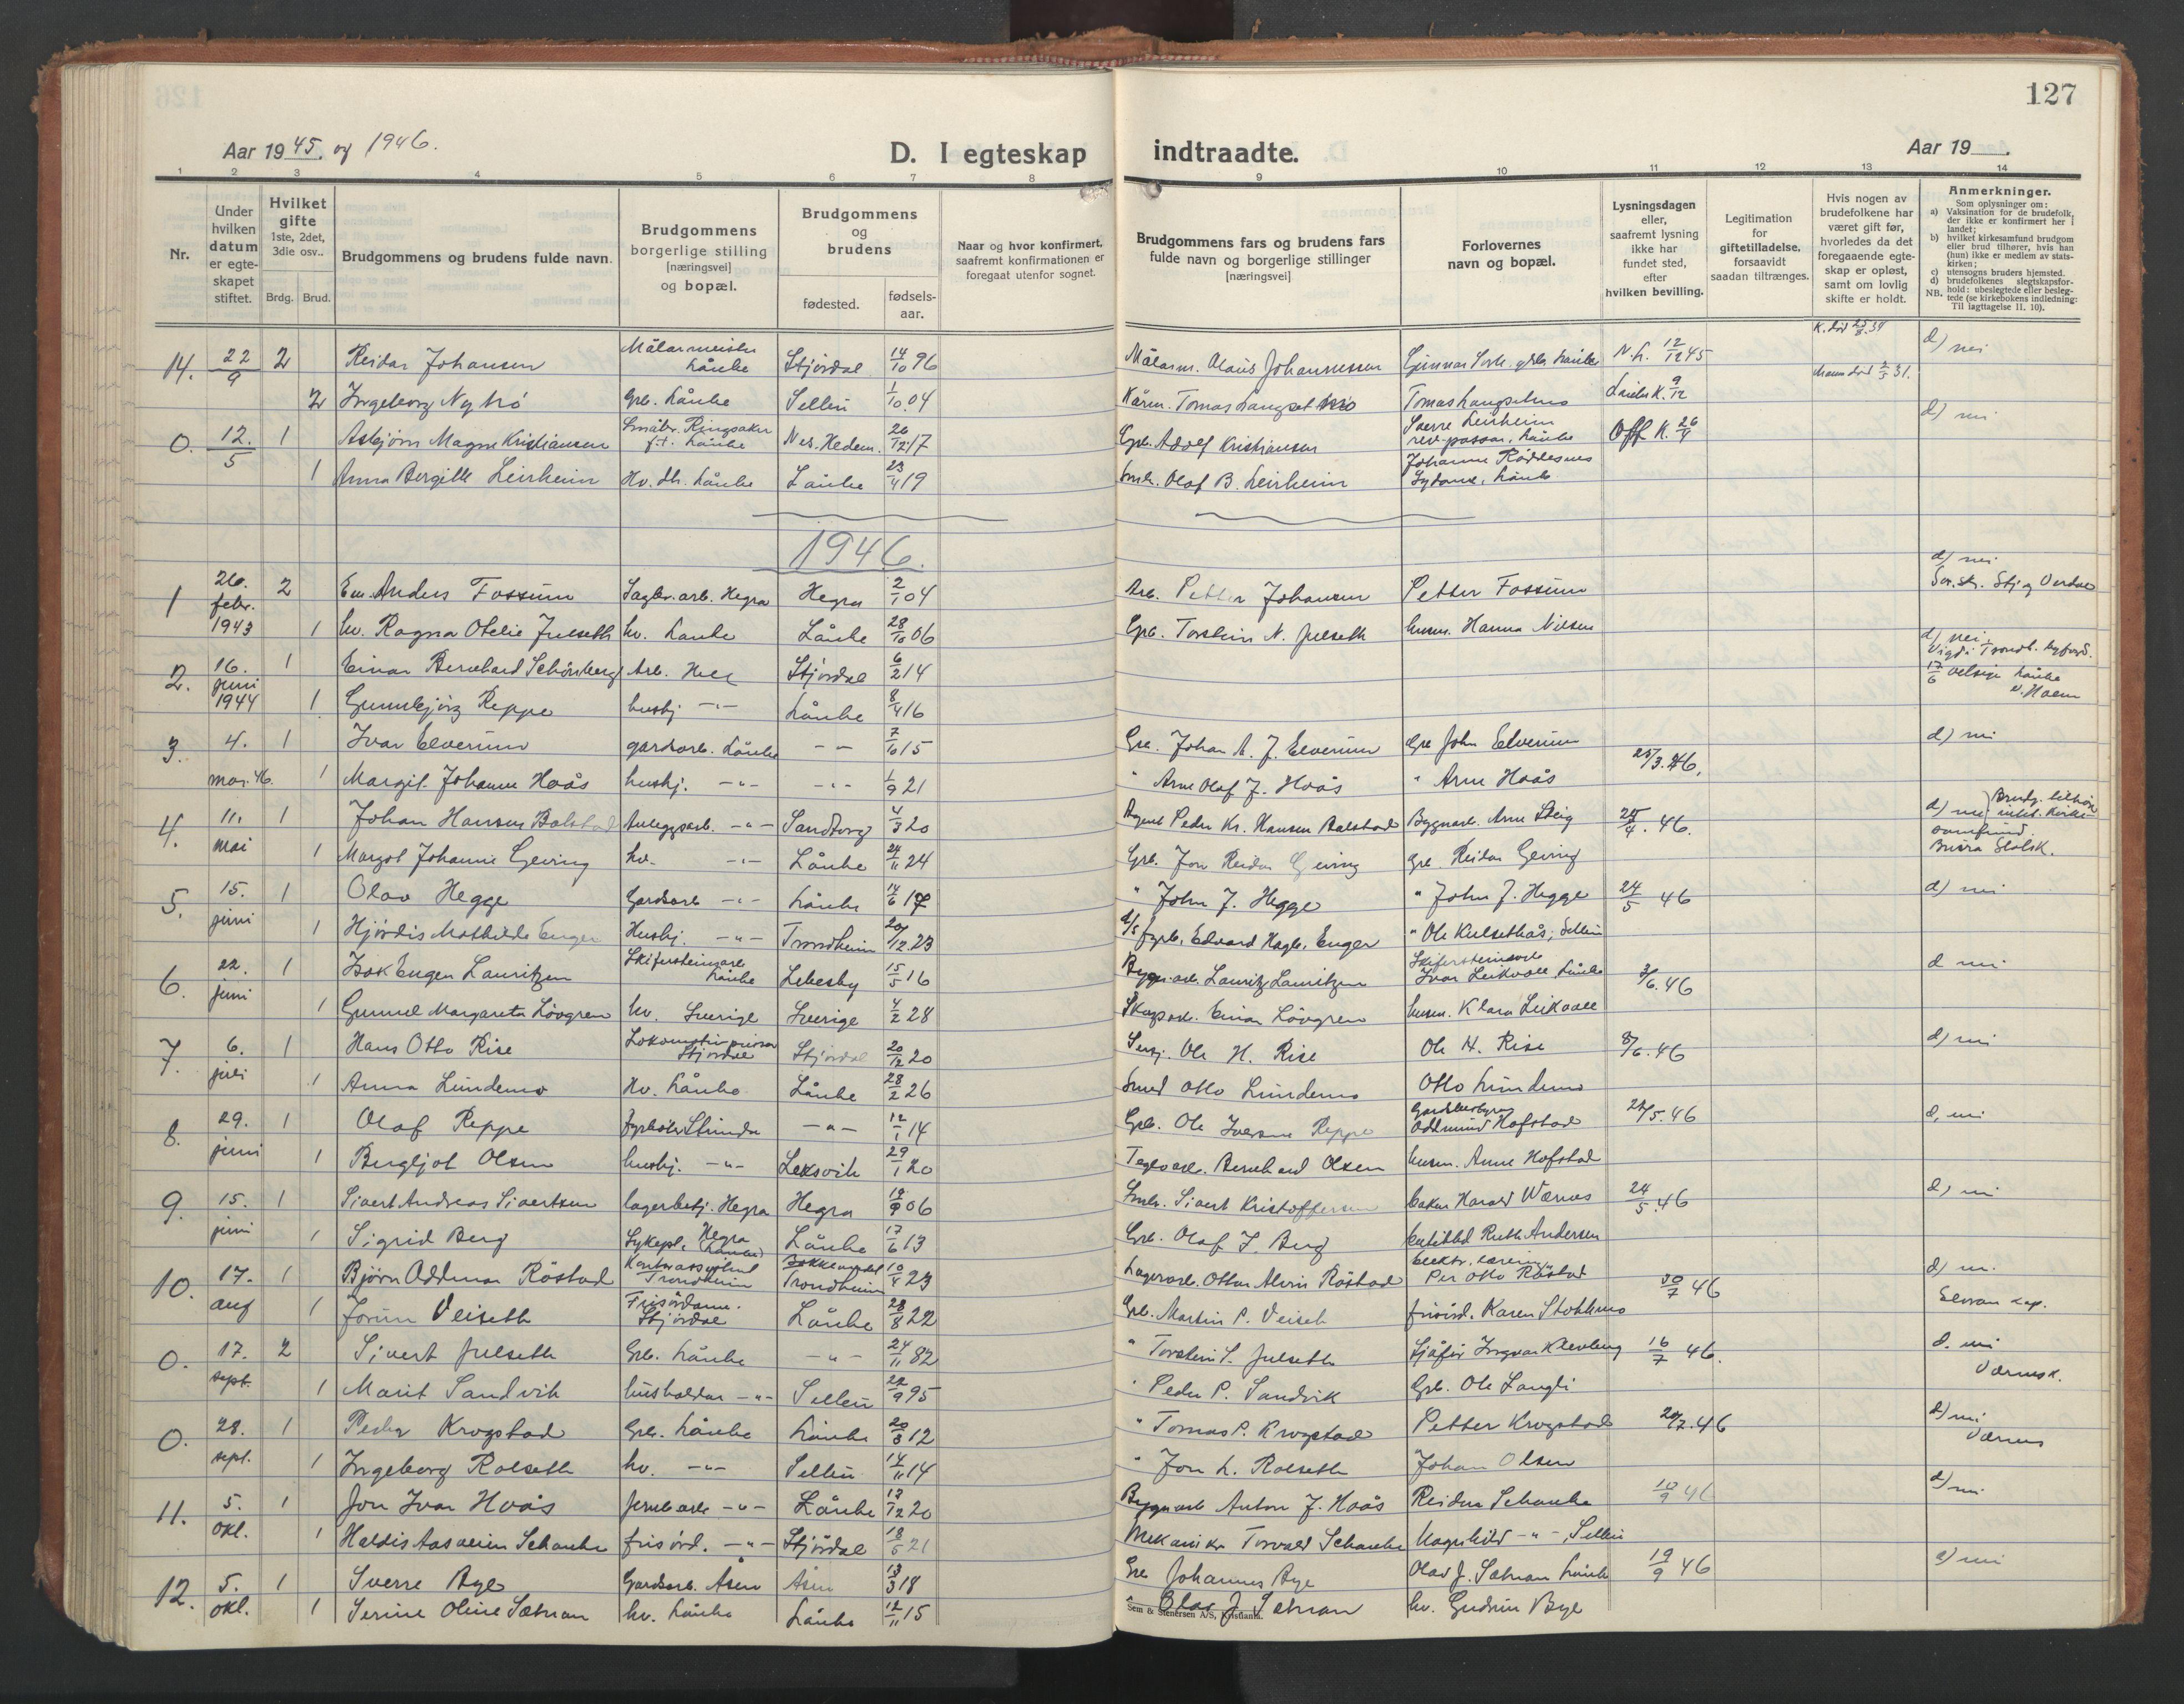 SAT, Ministerialprotokoller, klokkerbøker og fødselsregistre - Nord-Trøndelag, 710/L0097: Klokkerbok nr. 710C02, 1925-1955, s. 127